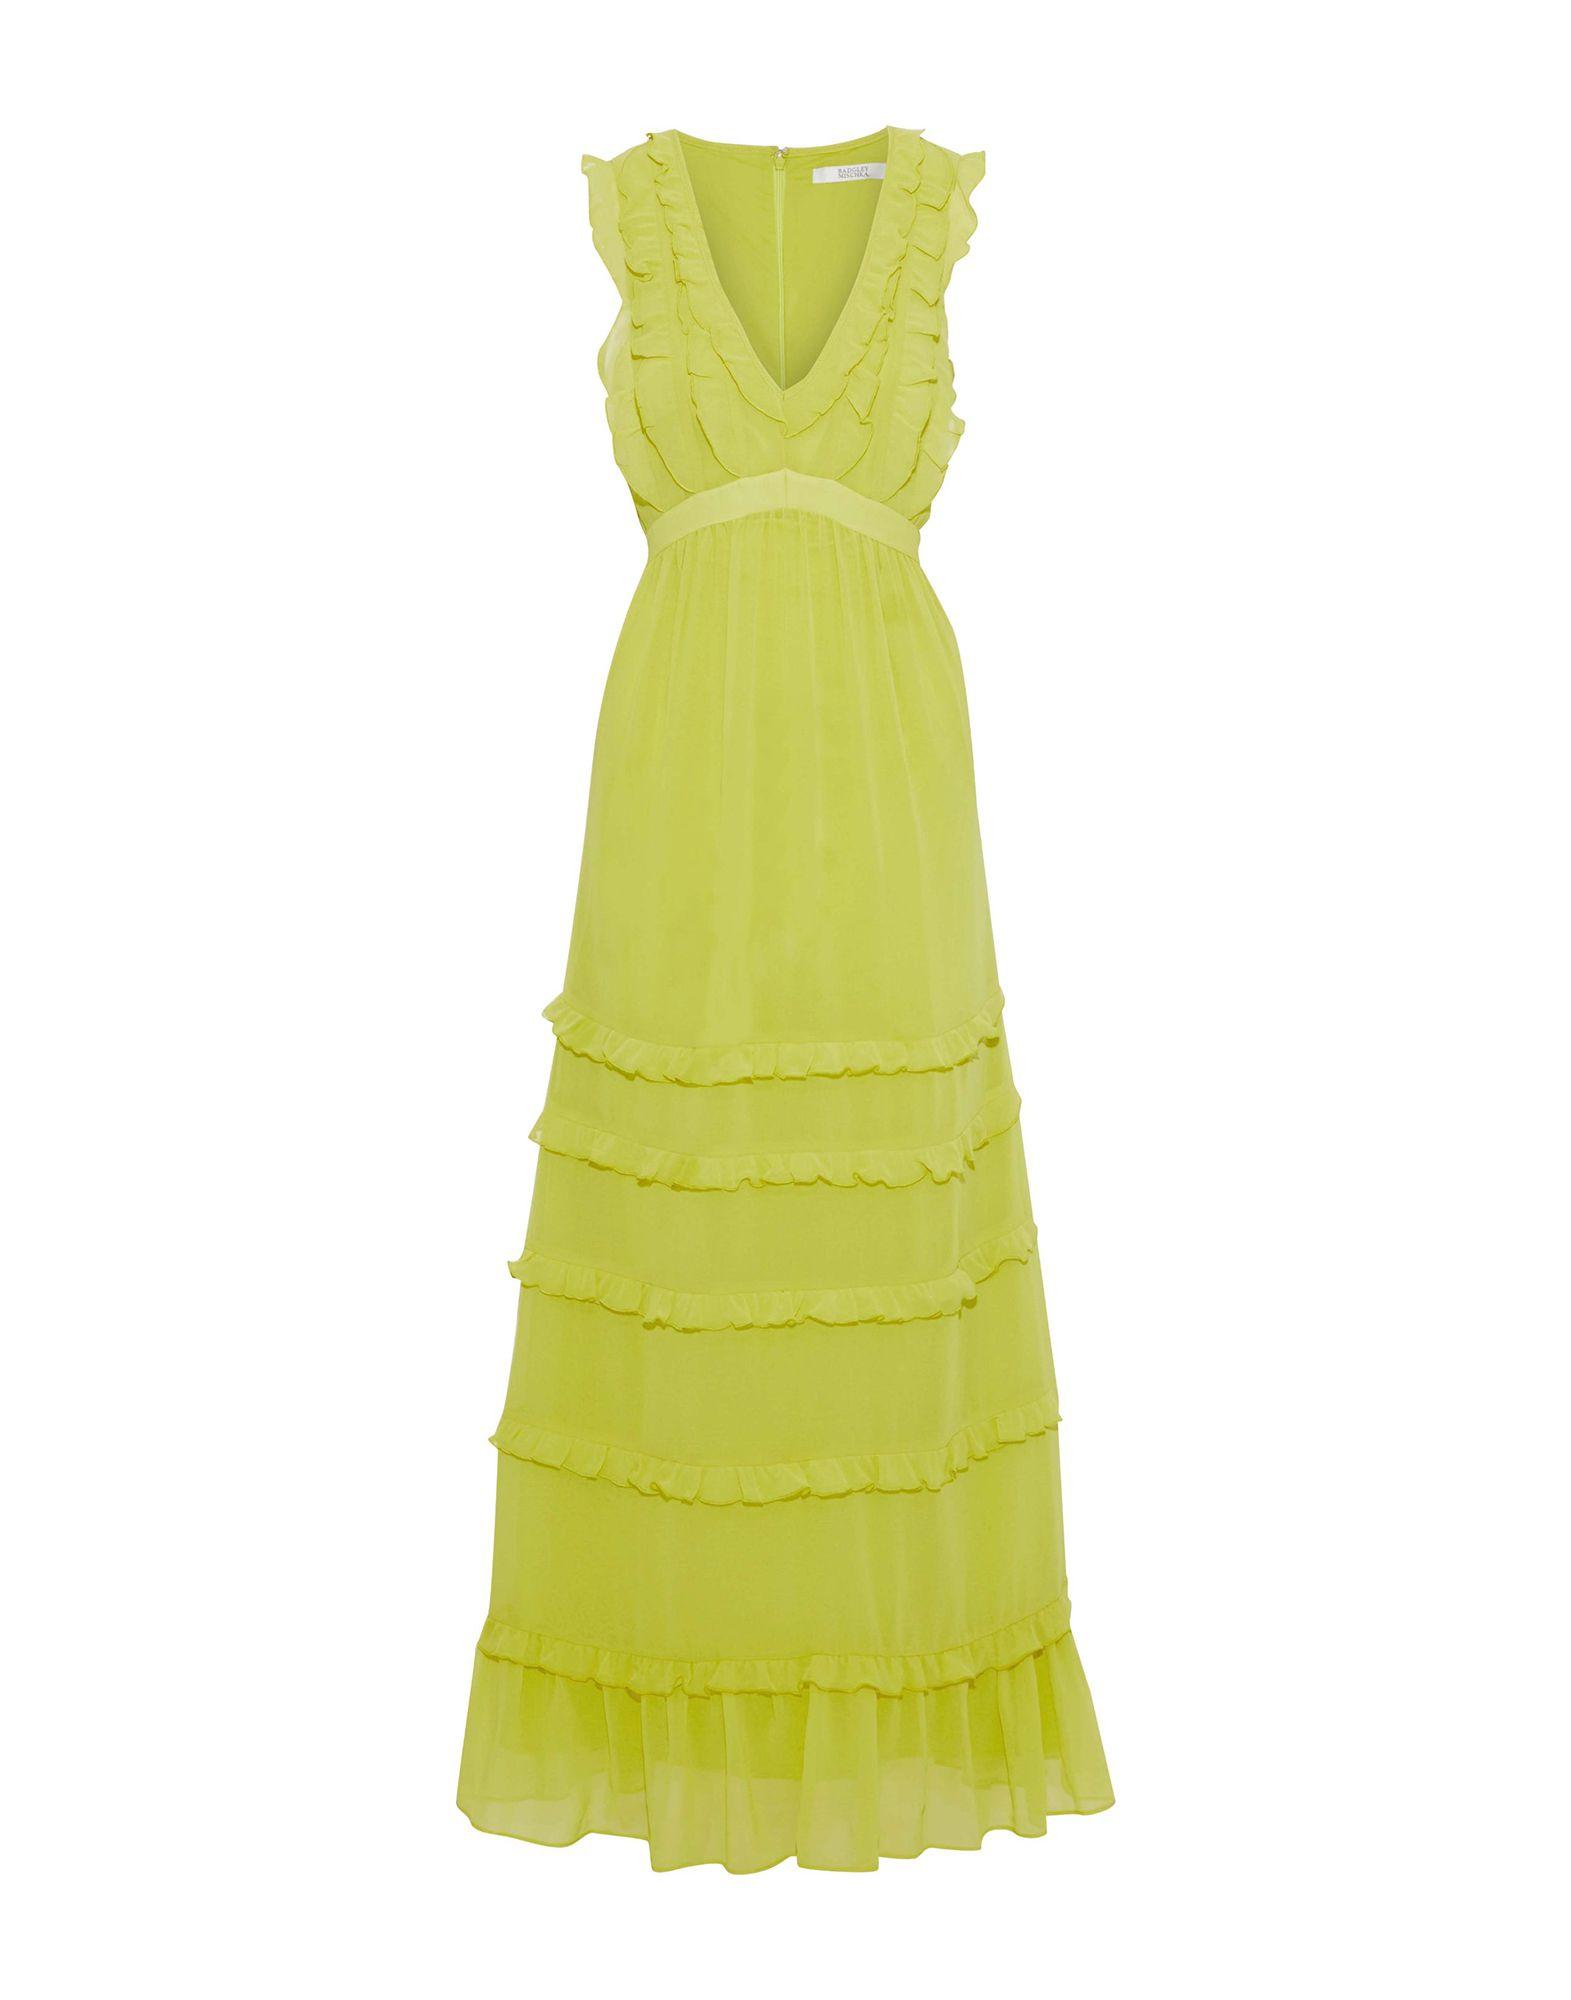 《セール開催中》BADGLEY MISCHKA レディース ロングワンピース&ドレス ビタミングリーン 8 ポリエステル 100%